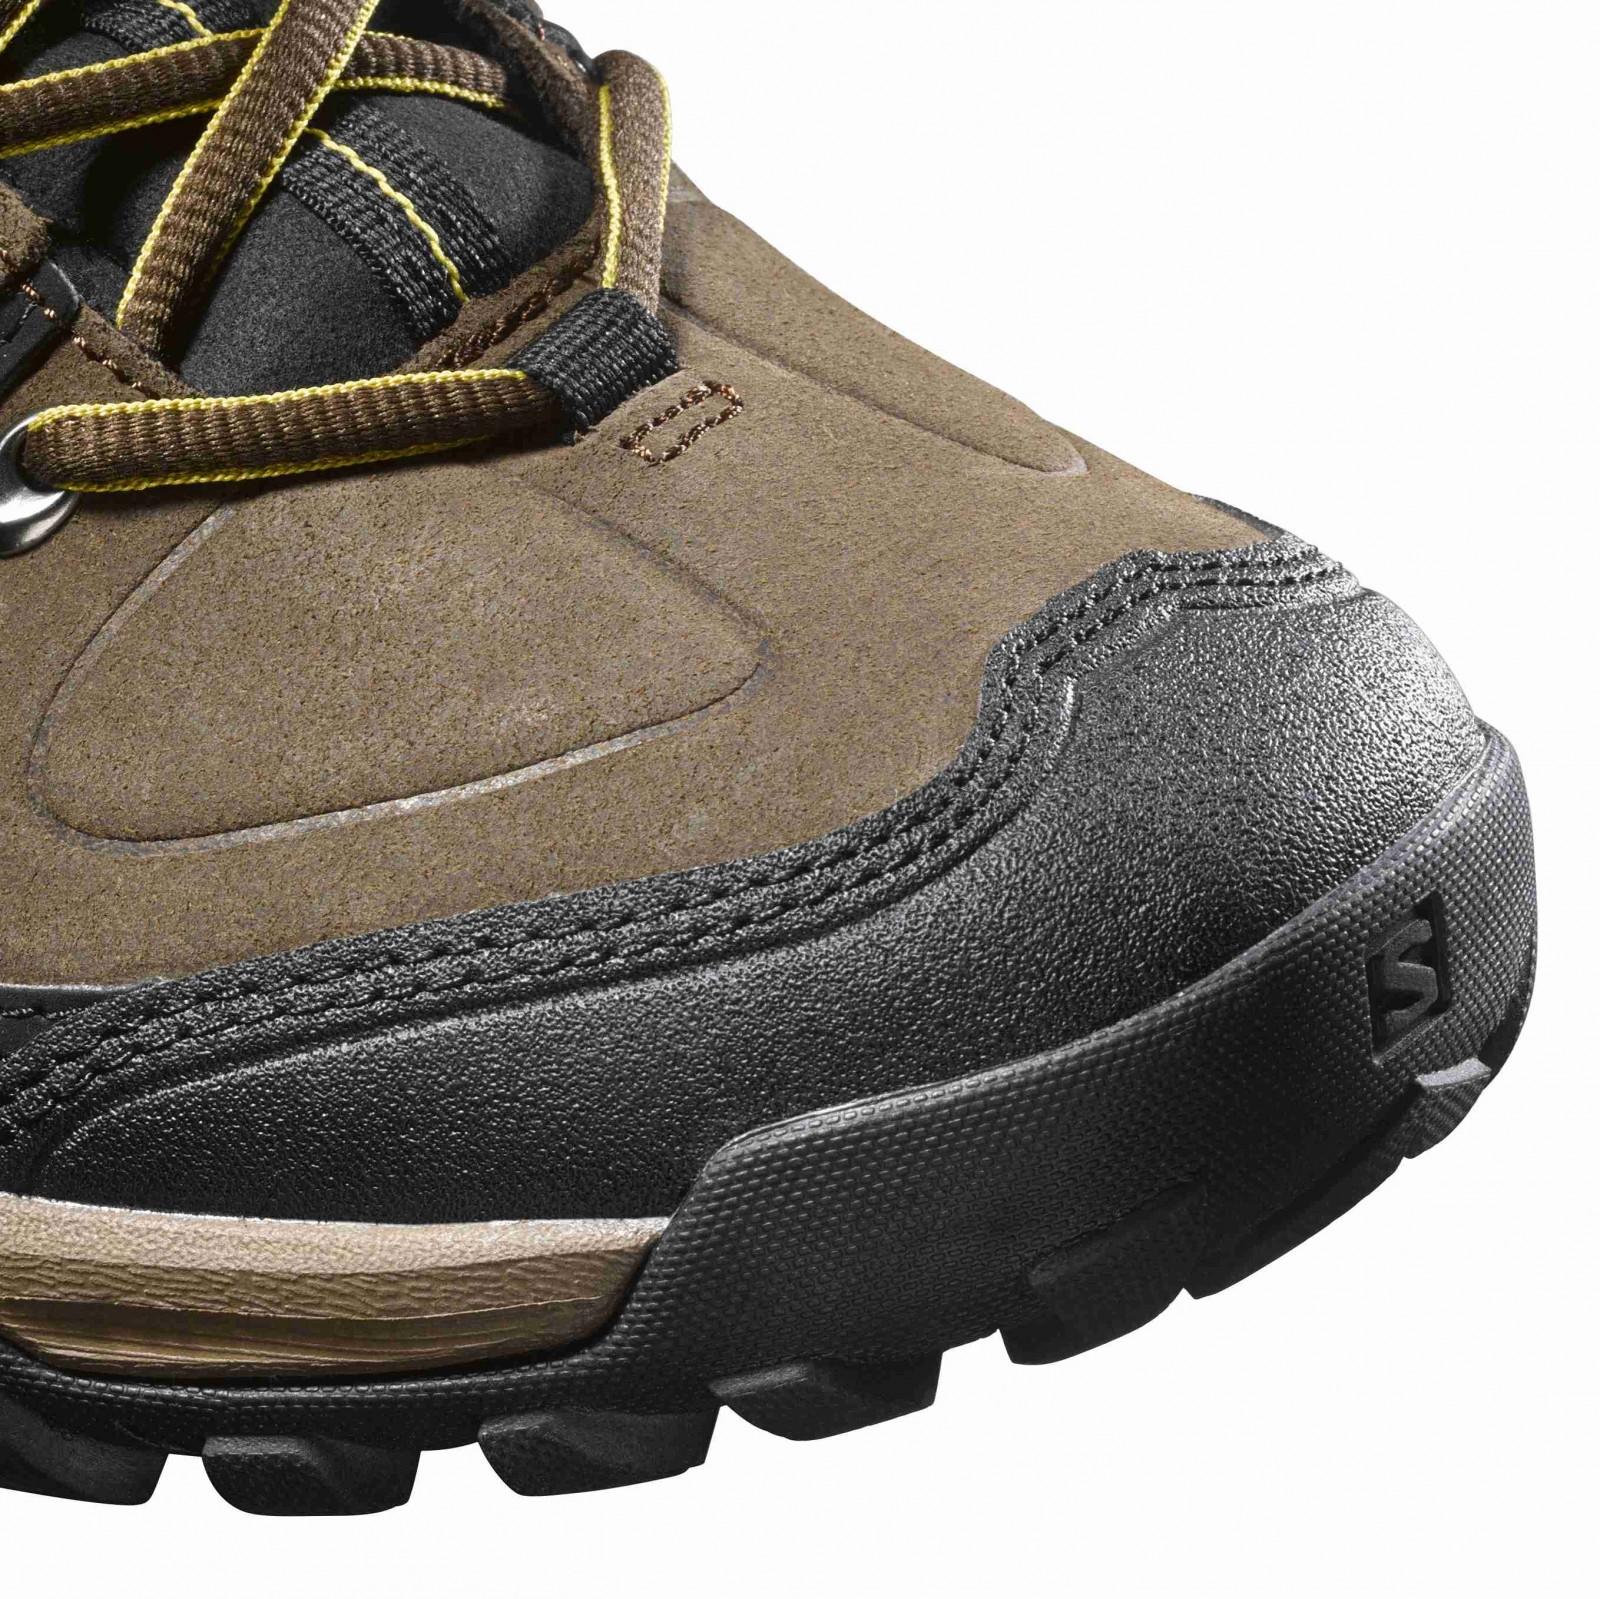 Pánská treková obuv Salomon EVASION LTR ABSOLUTE BROWN-X B  af9b367f13